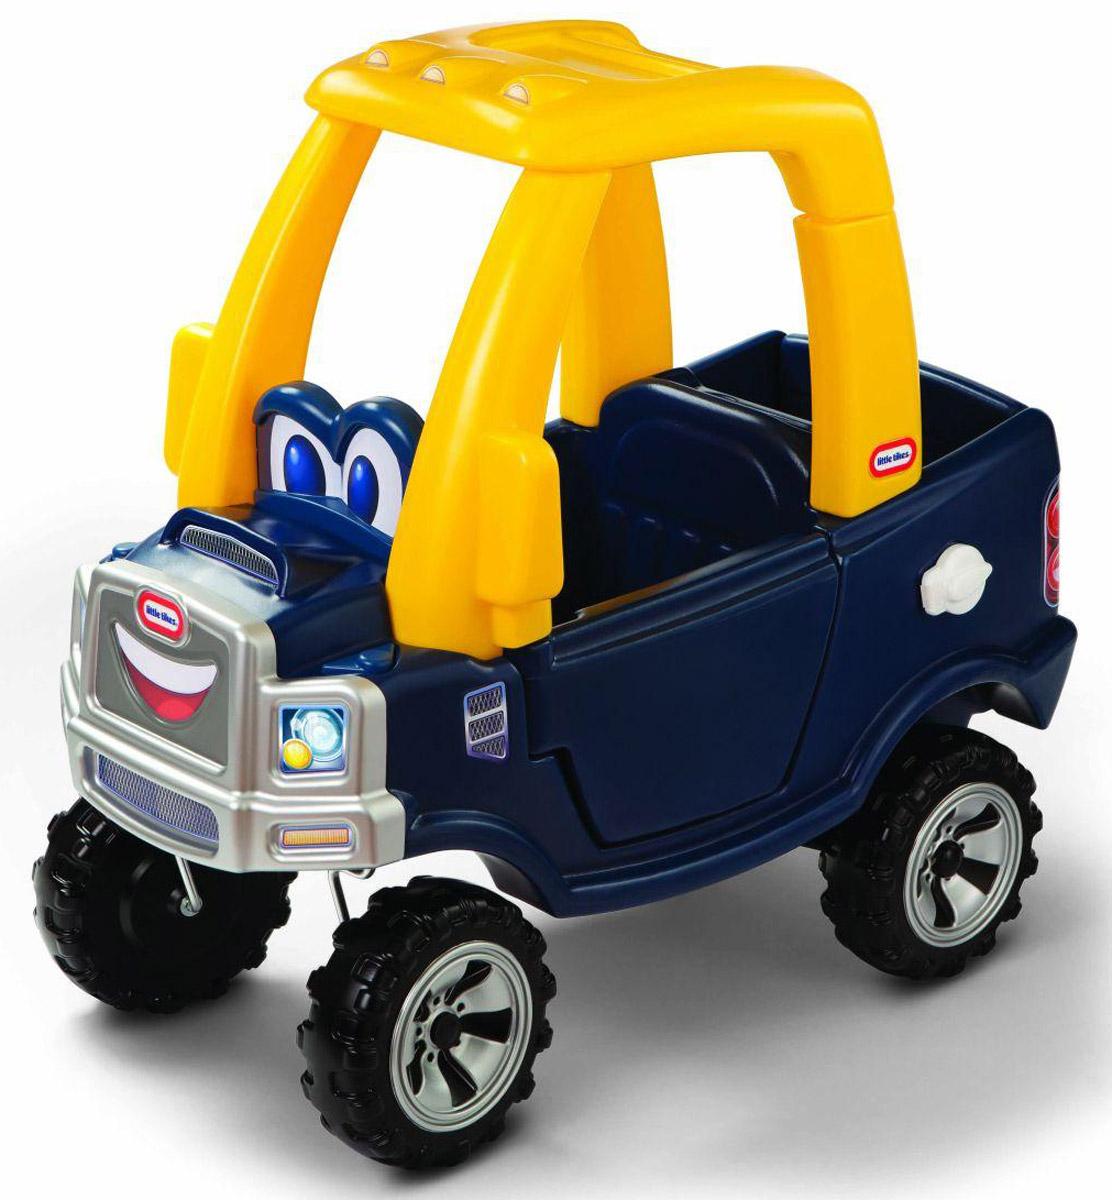 Little Tikes Каталка цвет синий620744Эффектная машинка с желтой крышей Little Tikes непременно понравится вашему ребенку. На передней панели изображена милая мордашка с большими добрыми глазами и озорной улыбкой. Открывающаяся панель багажника дает дополнительное сходство с настоящей машиной-пикапом и, конечно, возможность удобно разместить все необходимое. Каталка выполнена из яркого высококачественного пластика и выдерживает нагрузку до 23 кг. Игрушка оснащена рабочим сигналом, съемной ручкой с помощью которой родители контролируют движение ребенка, высокой спинкой сиденья, местом для хранения игрушек, панелью приборов зажигания, прочными колесами и хорошим сцеплением. Такая игрушка поможет вашему ребенку укрепить мышцы ног, а также развить реакцию, координацию и чувство равновесия. Порадуйте своего ребенка таким замечательным подарком!